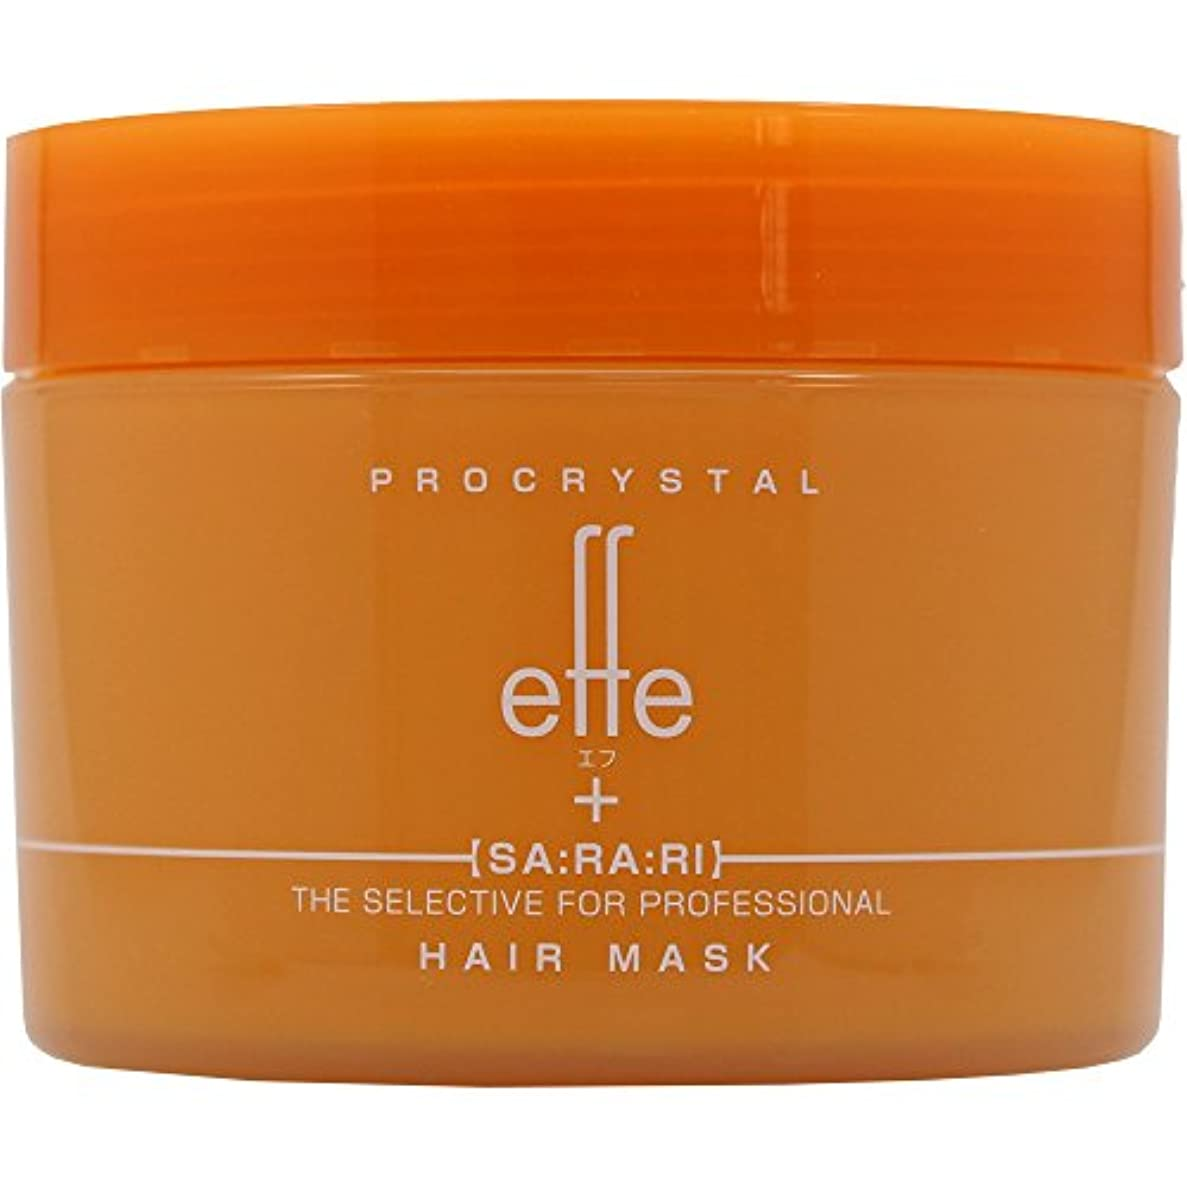 現れる薬副産物アペティート化粧品 プロクリスタル effe (エフ) ヘアマスク さらり200g